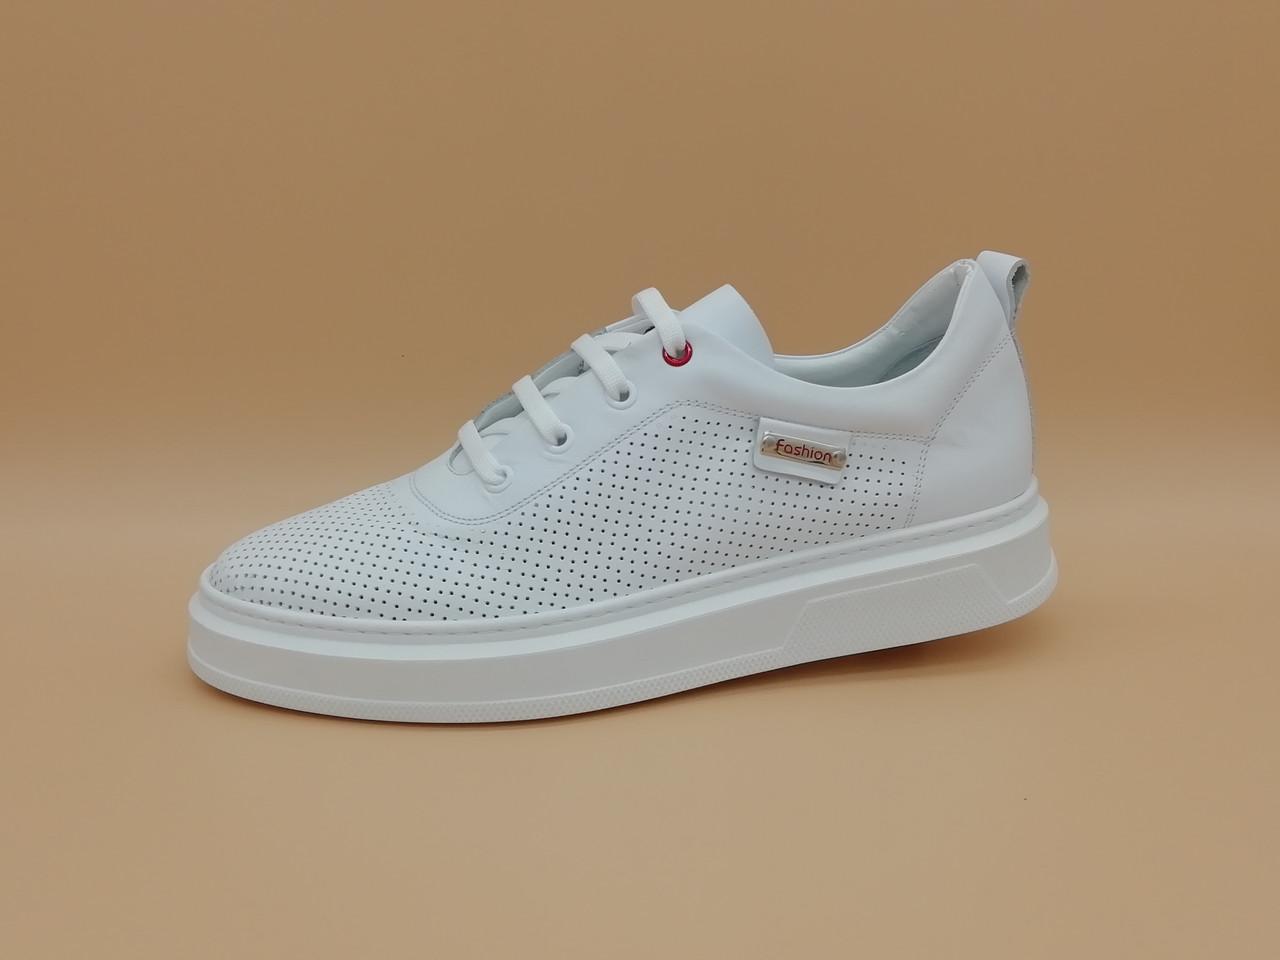 Білі шкіряні кросівки з перфорацією. Туреччина. Великі розміри (41 - 44).